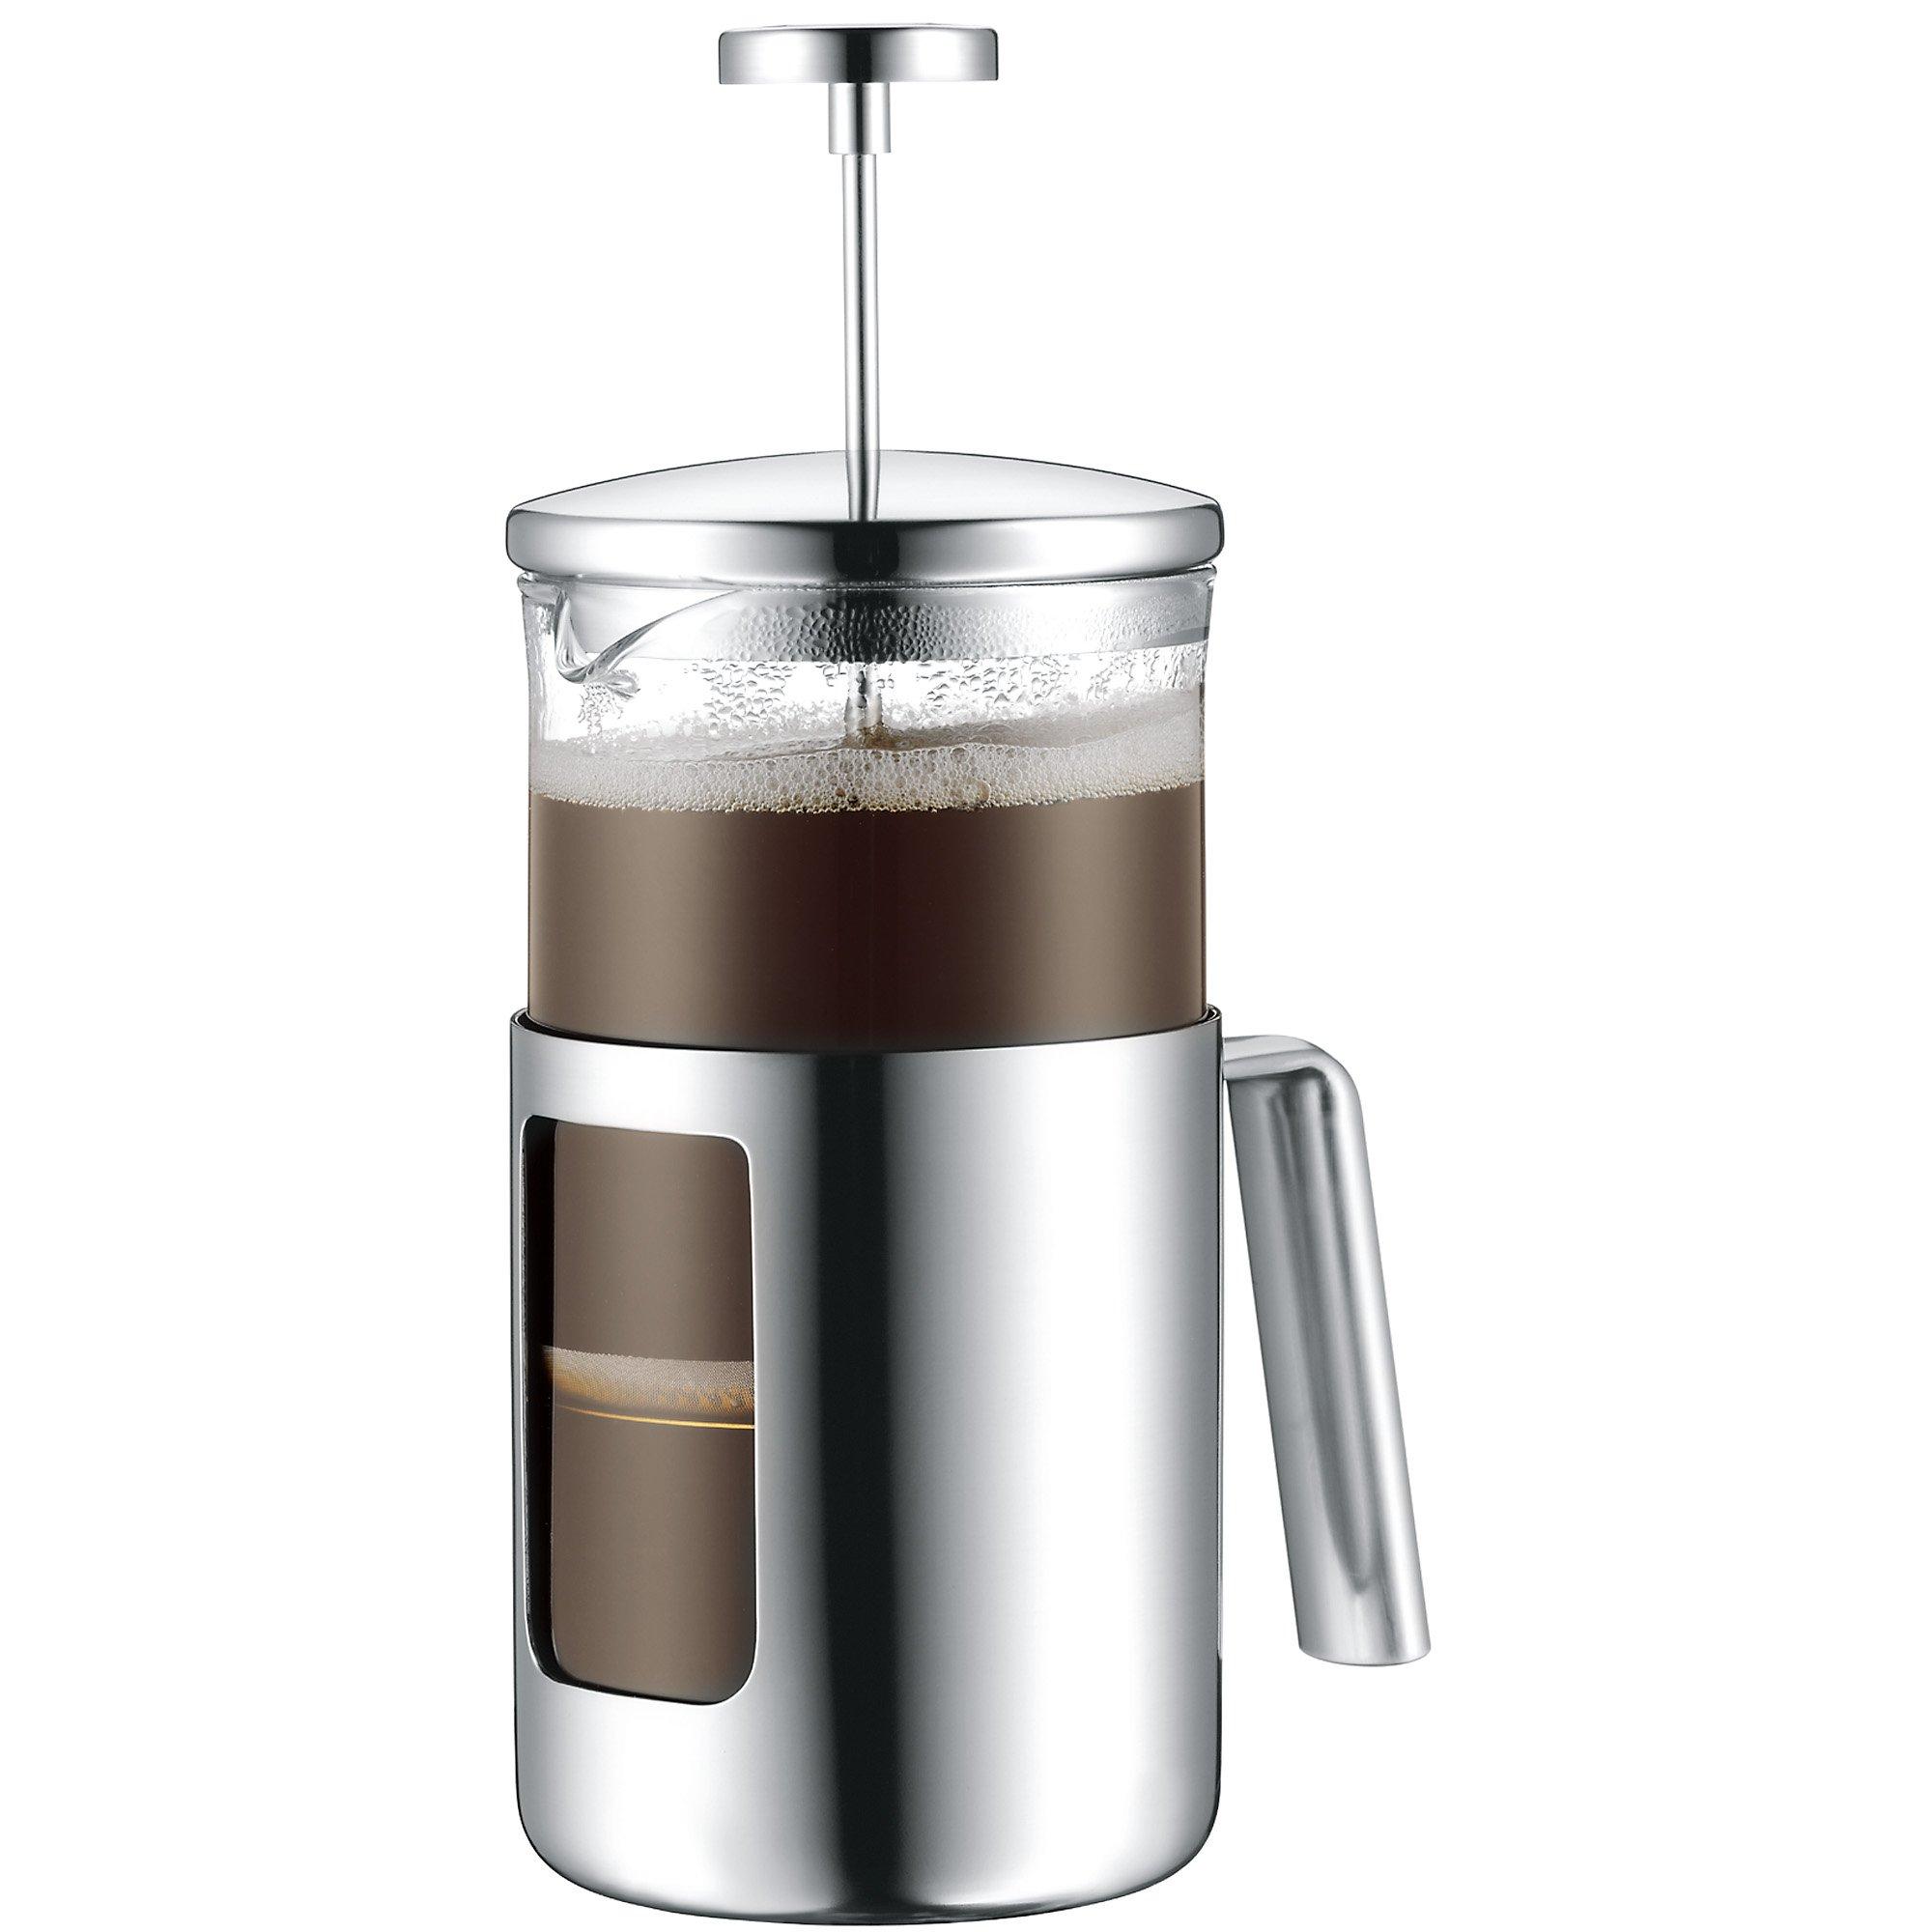 WMF Kult Coffee Press